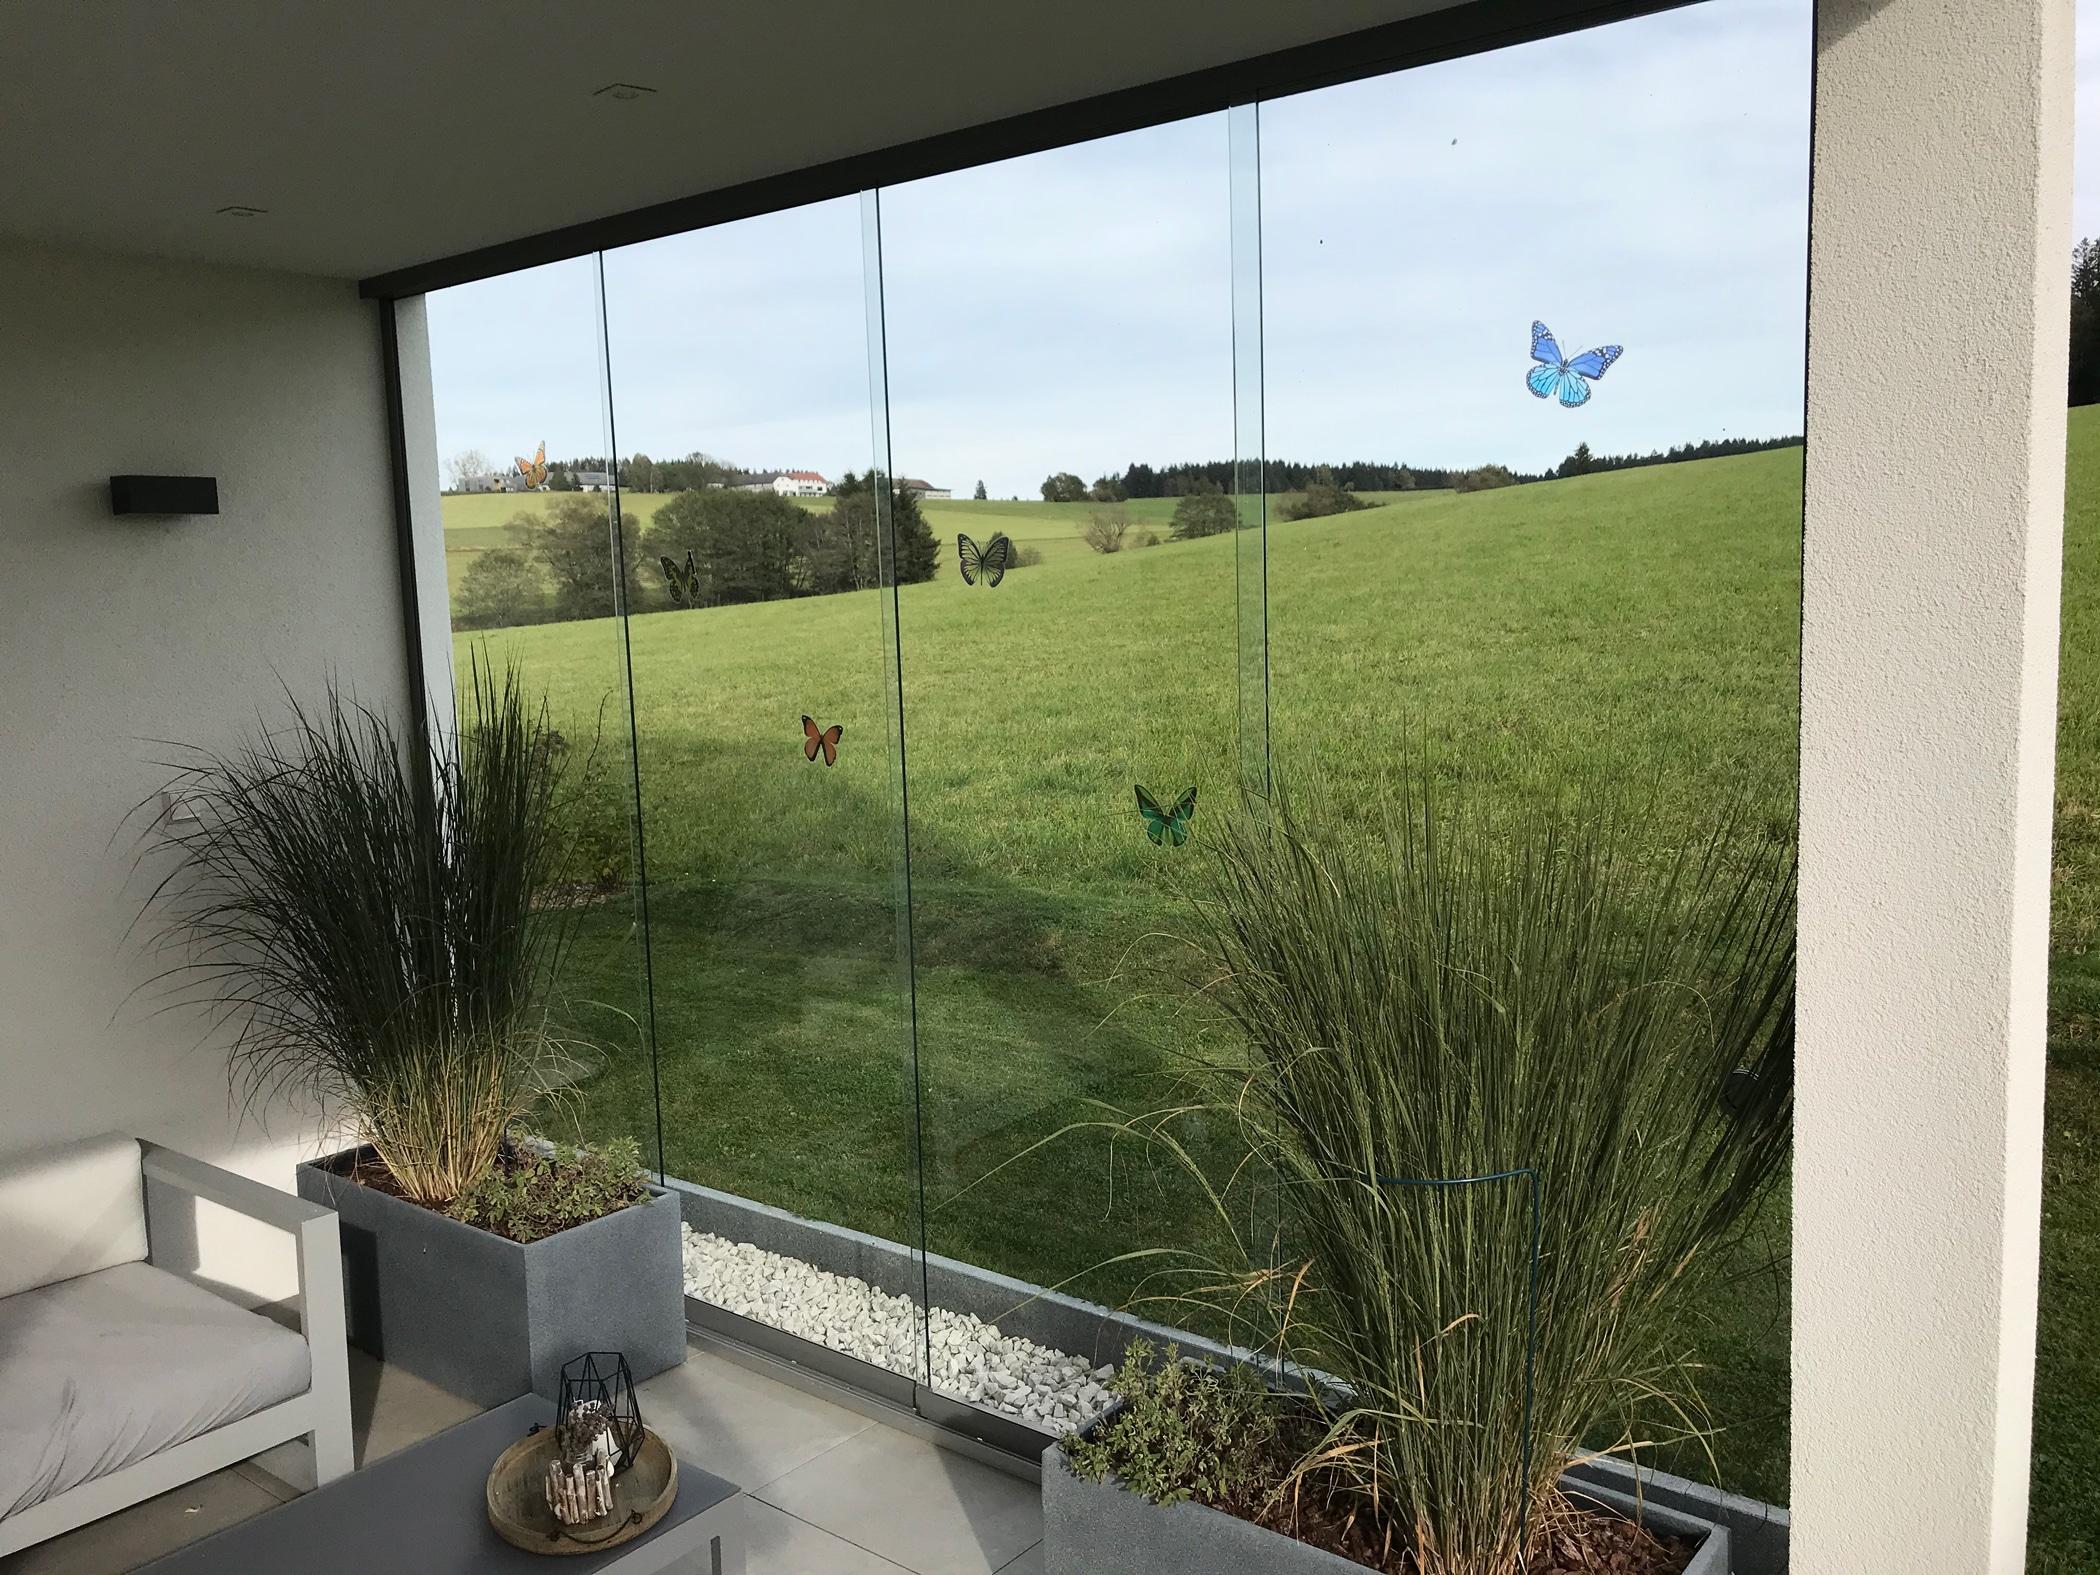 Rahmenlose Terrassenverglasungen verschiebbar